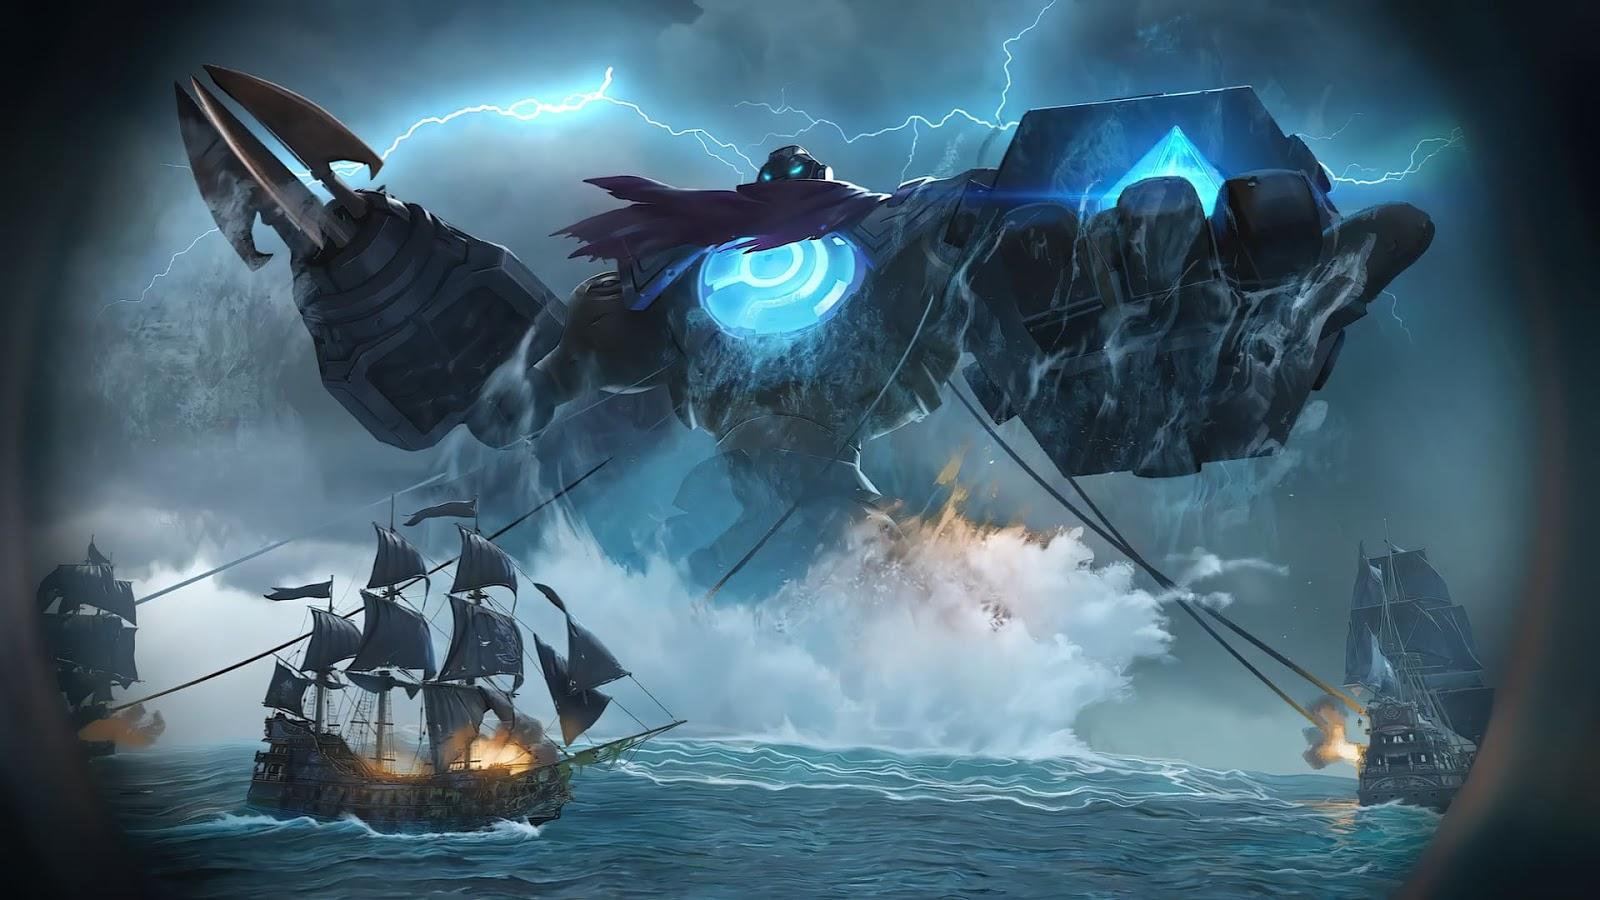 Wallpaper Atlas Ocean Gladiator V2 Skin Mobile Legends HD for PC